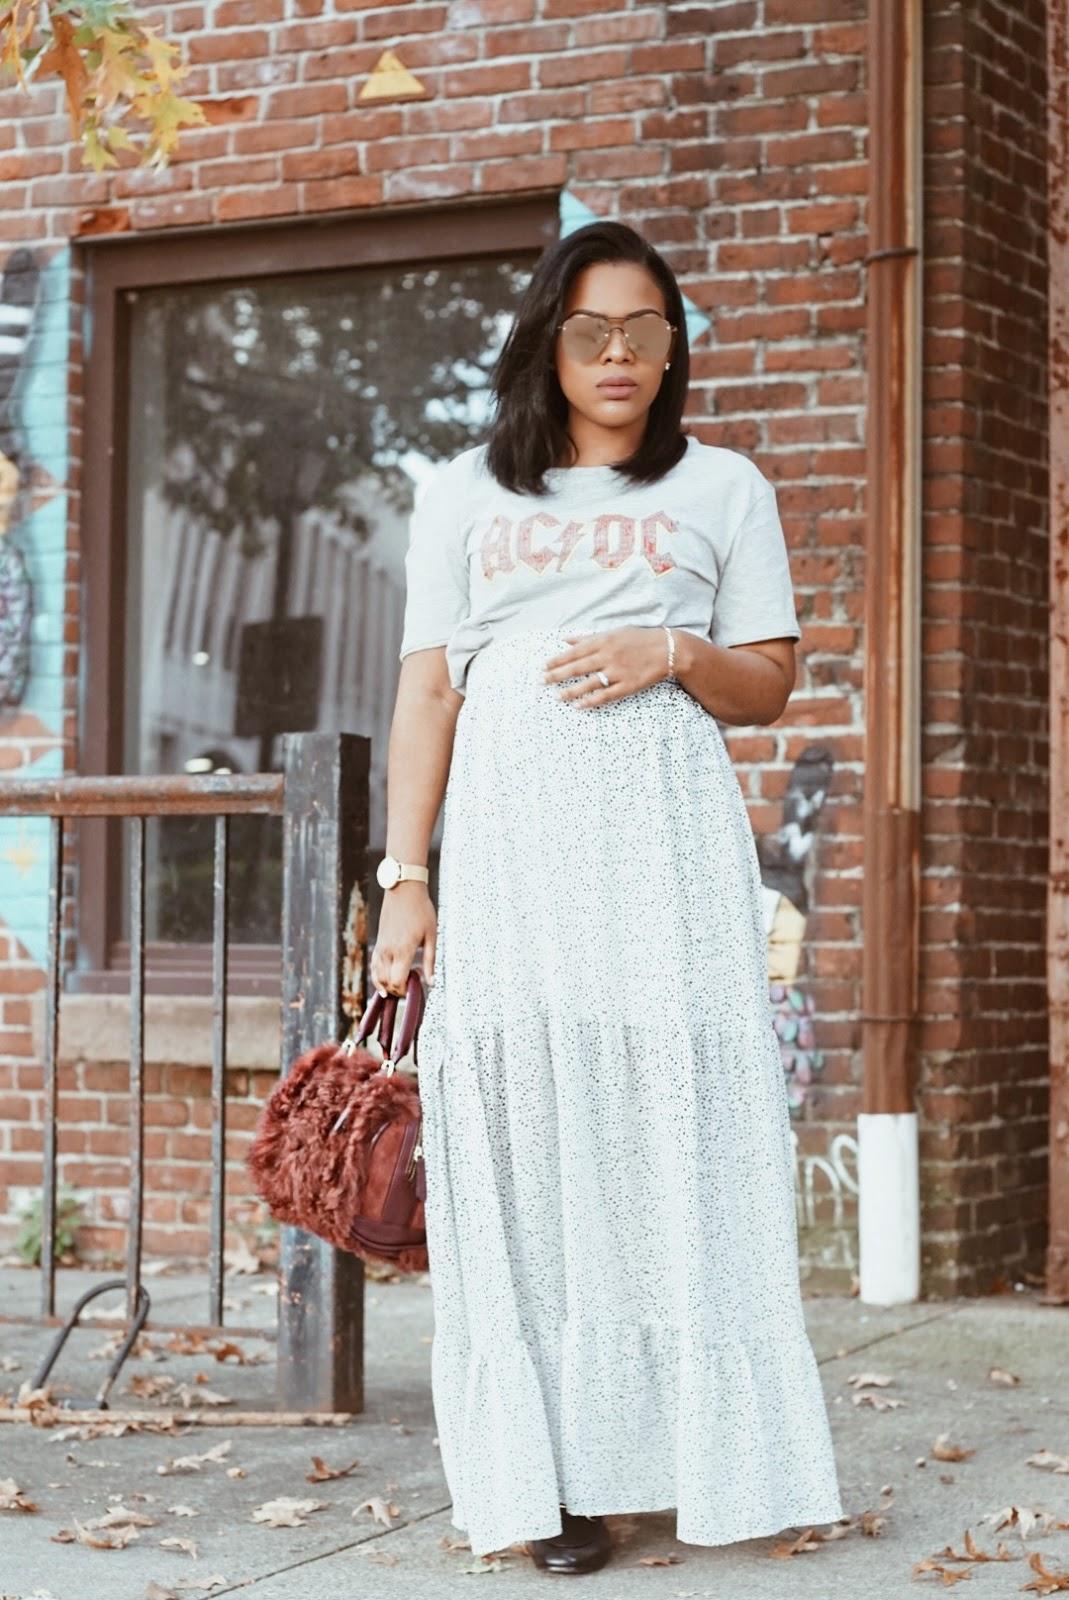 899736ff528df Camisa de mami similar aqui   Falda de mami comprala aqui   Zapatos de mami  compralos aqui   Cartera similar aqui   Lentes en special aqui